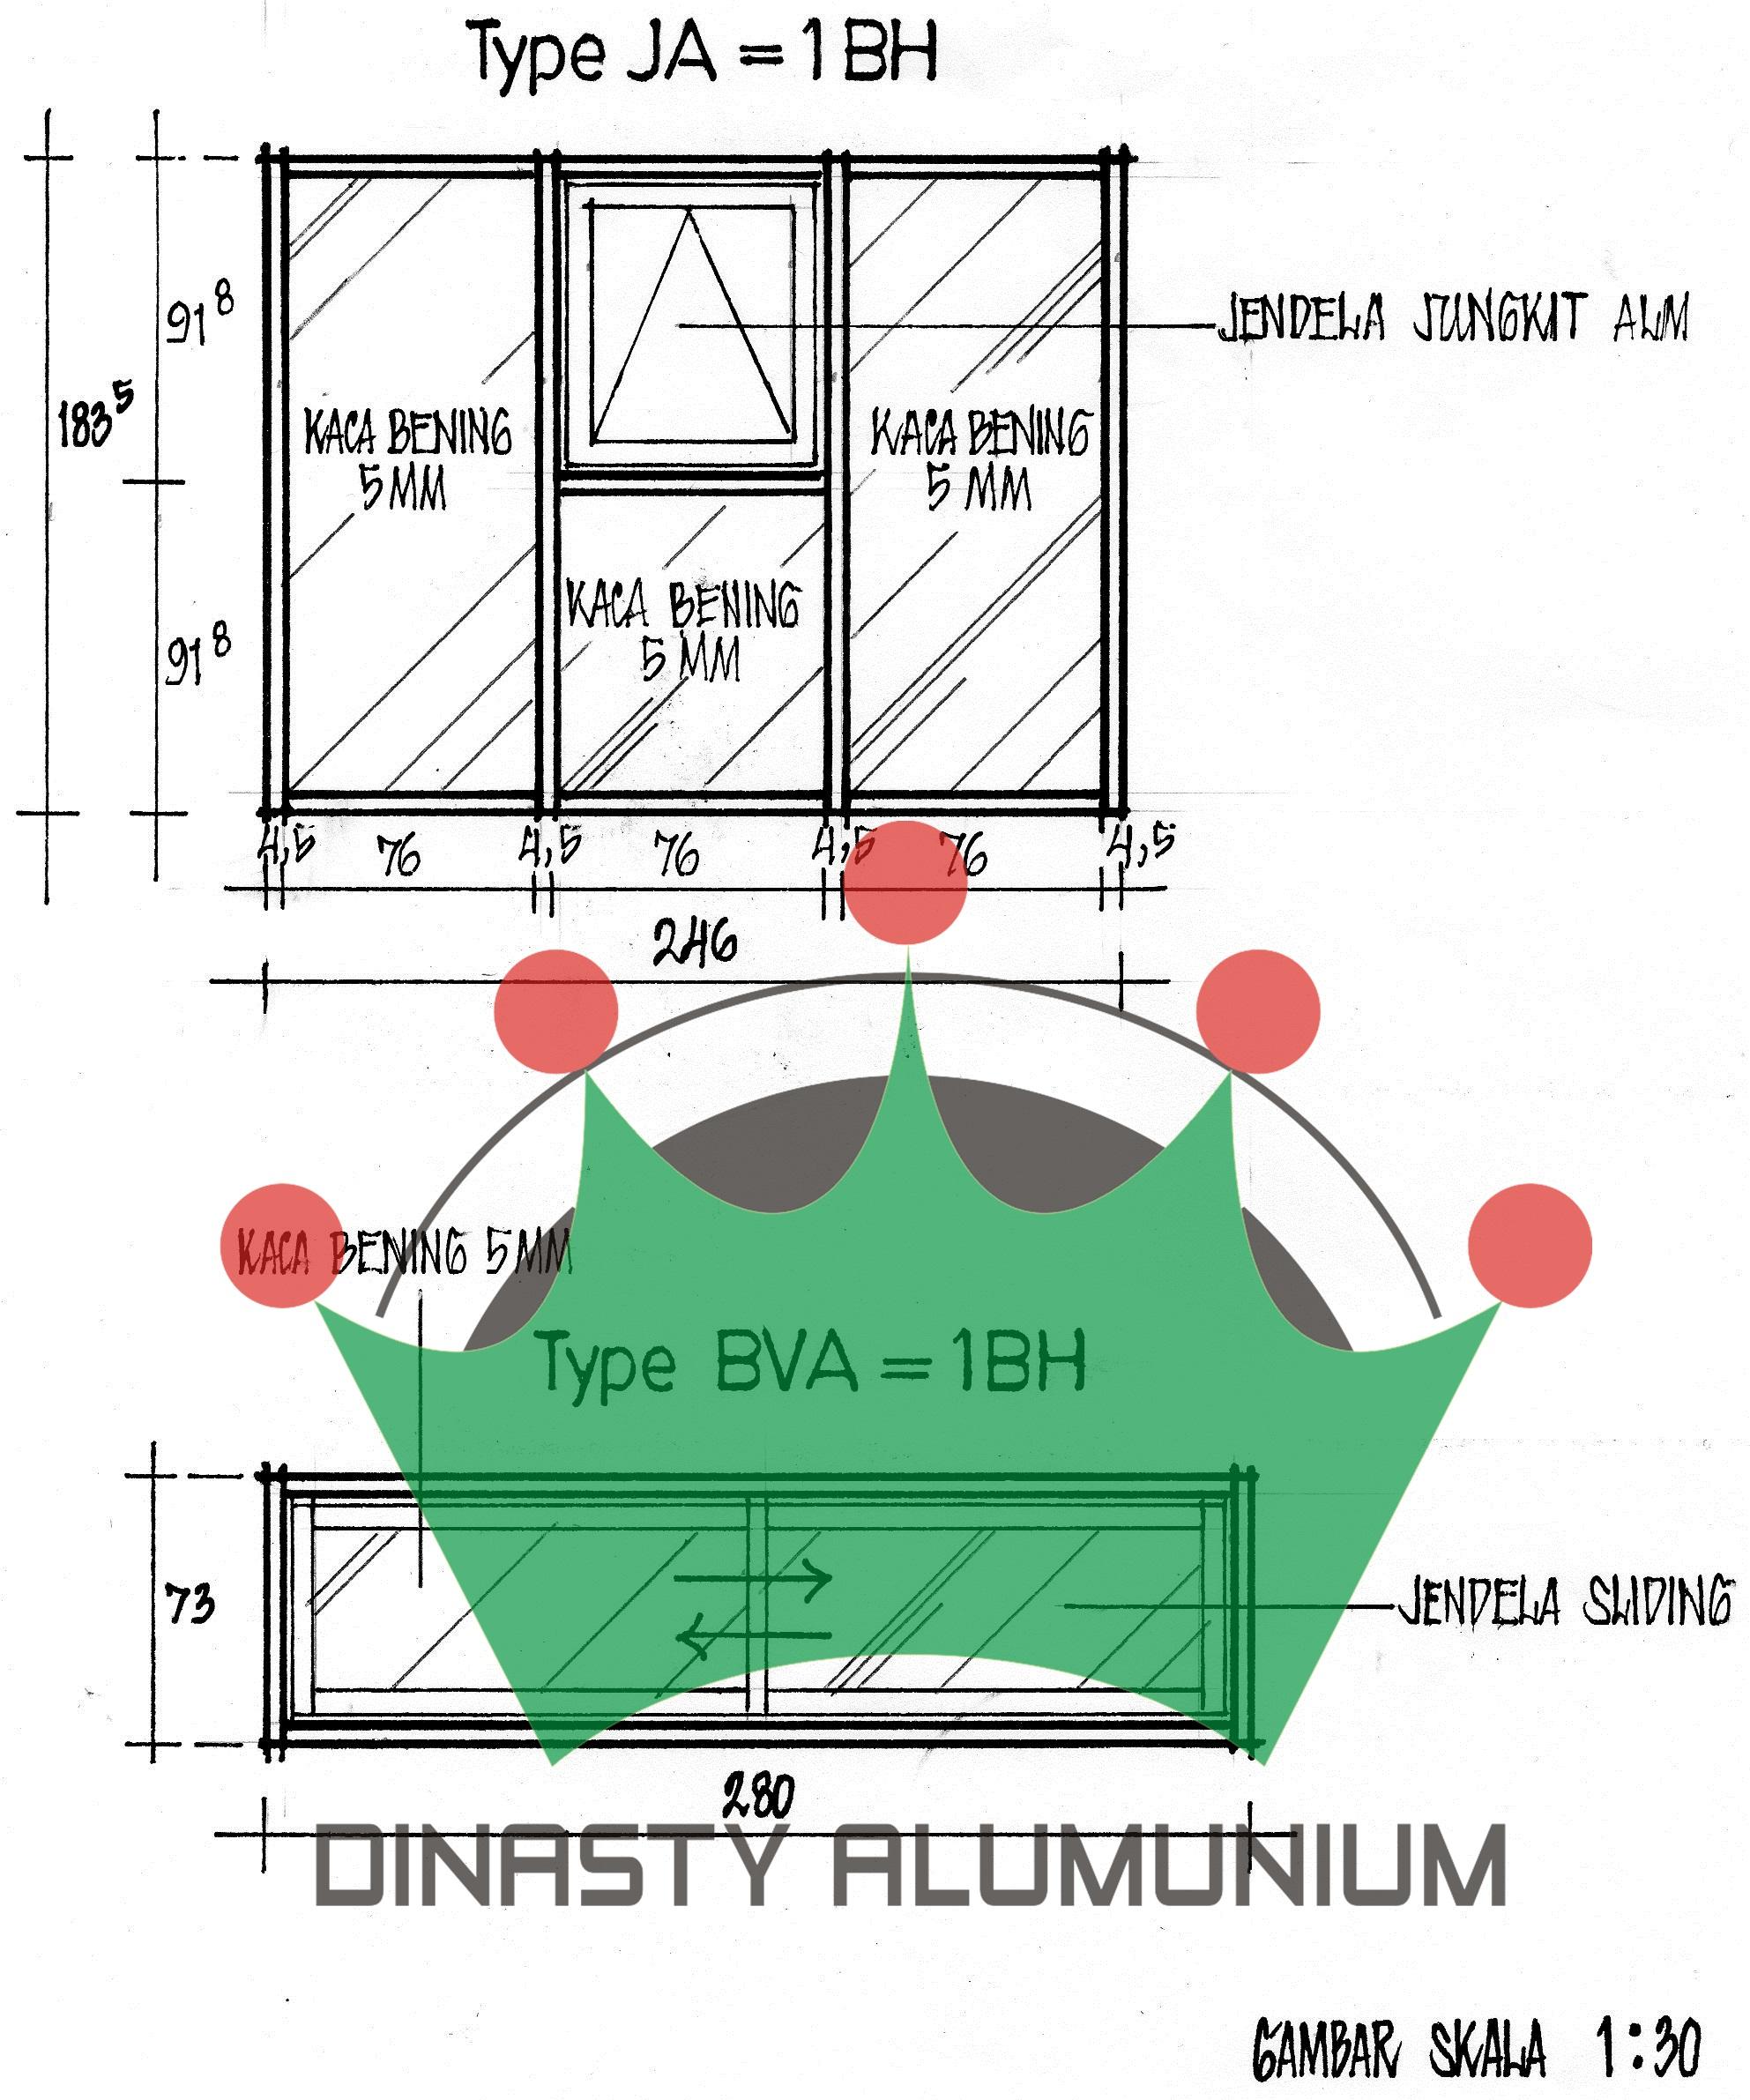 Harga Kusen Pintu Aluminium | Dinasty Alumunium